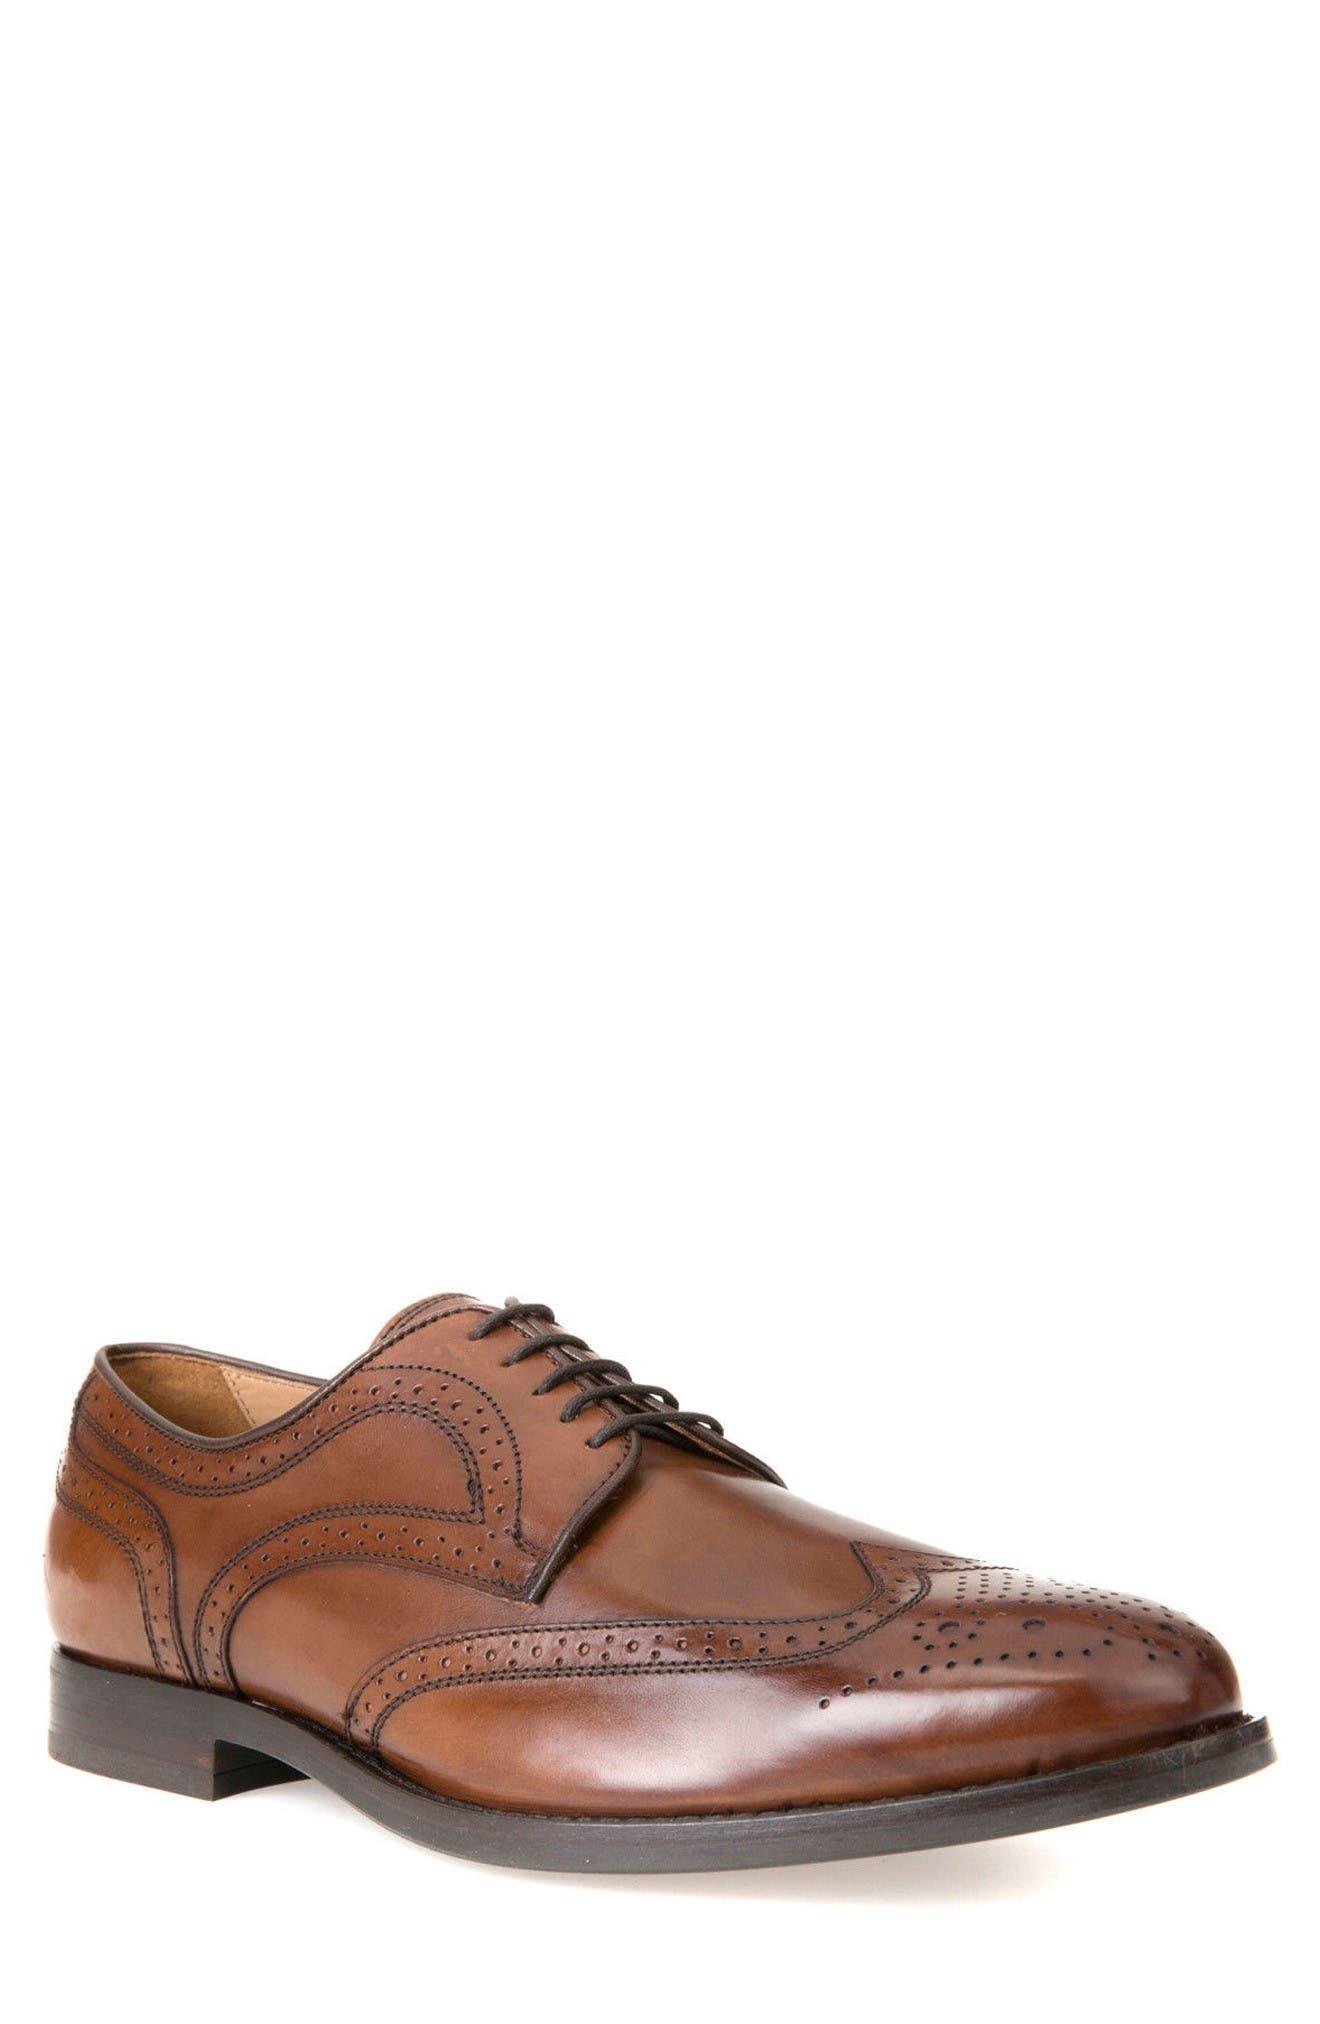 Hampstead 5 Wingtip,                         Main,                         color, Dark Cognac Leather